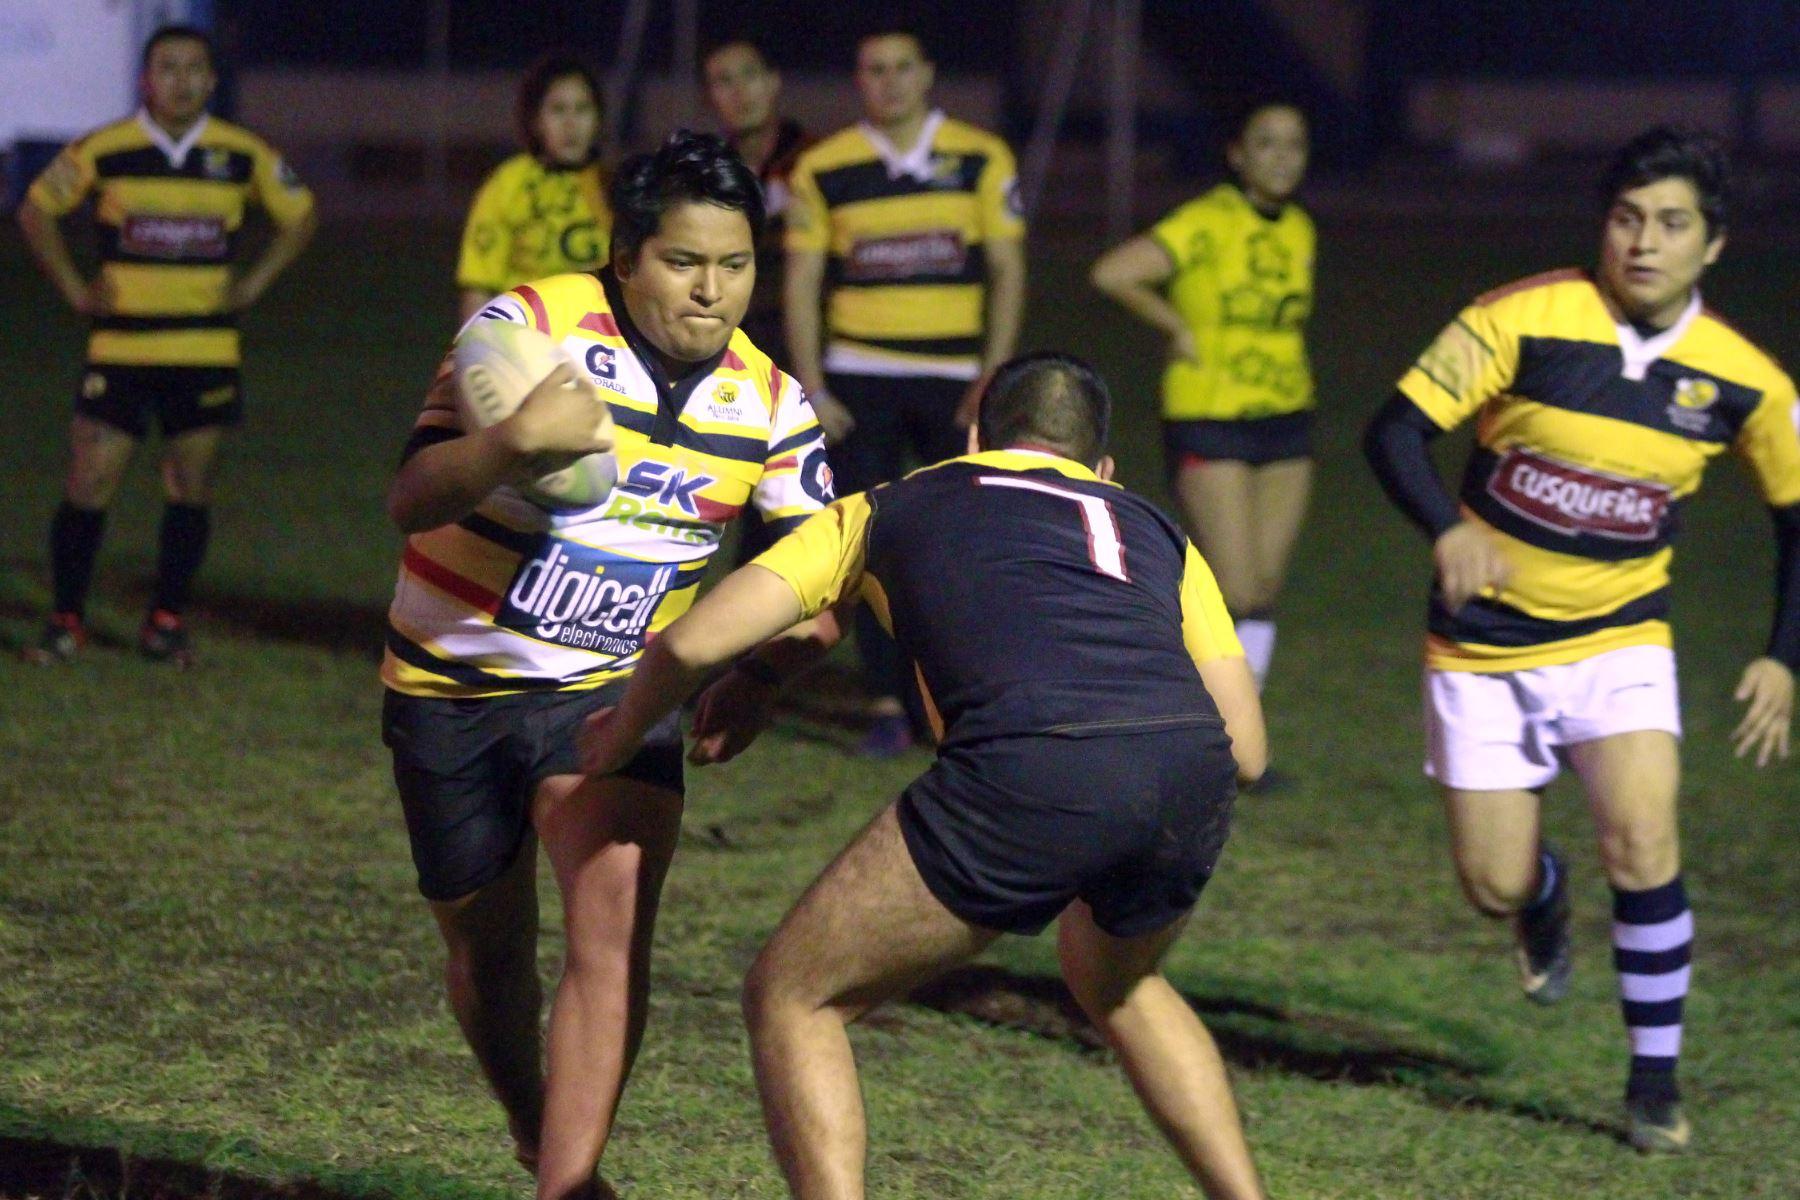 Rugby en Juegos panamericanos